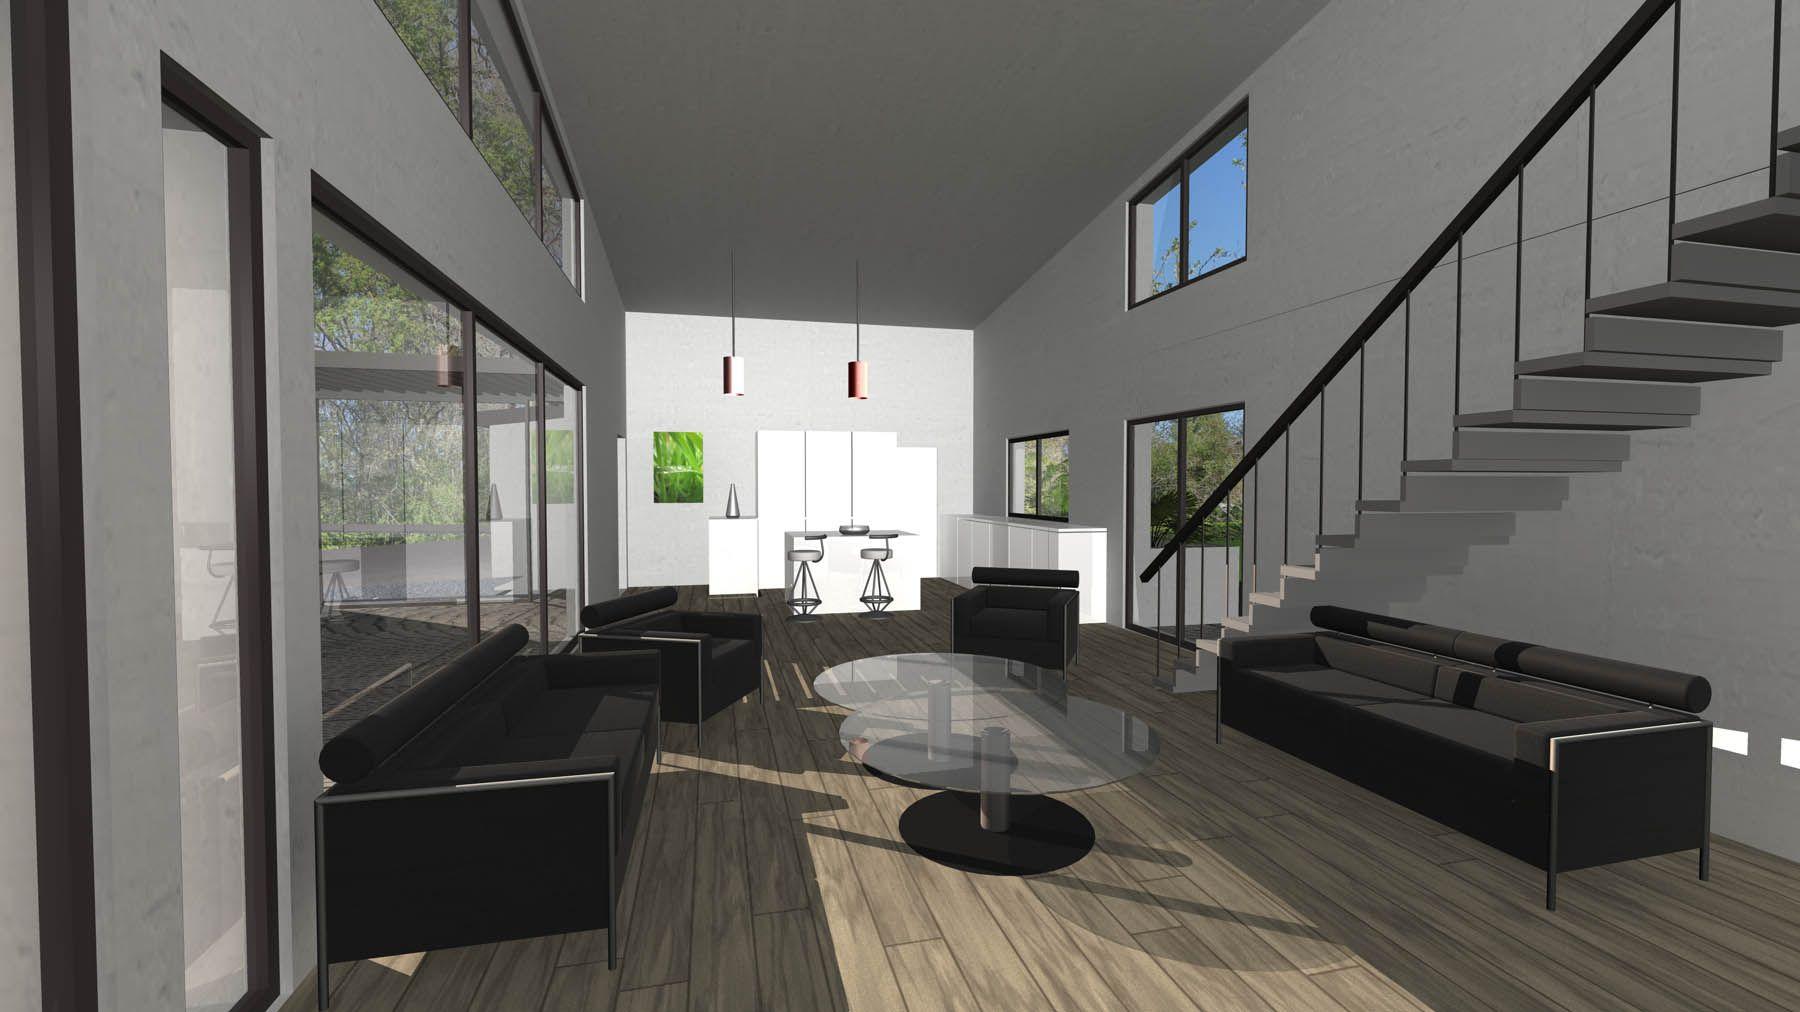 maison contemporaine toiture en zinc salon double hauteur avec plafond rampant c t de. Black Bedroom Furniture Sets. Home Design Ideas